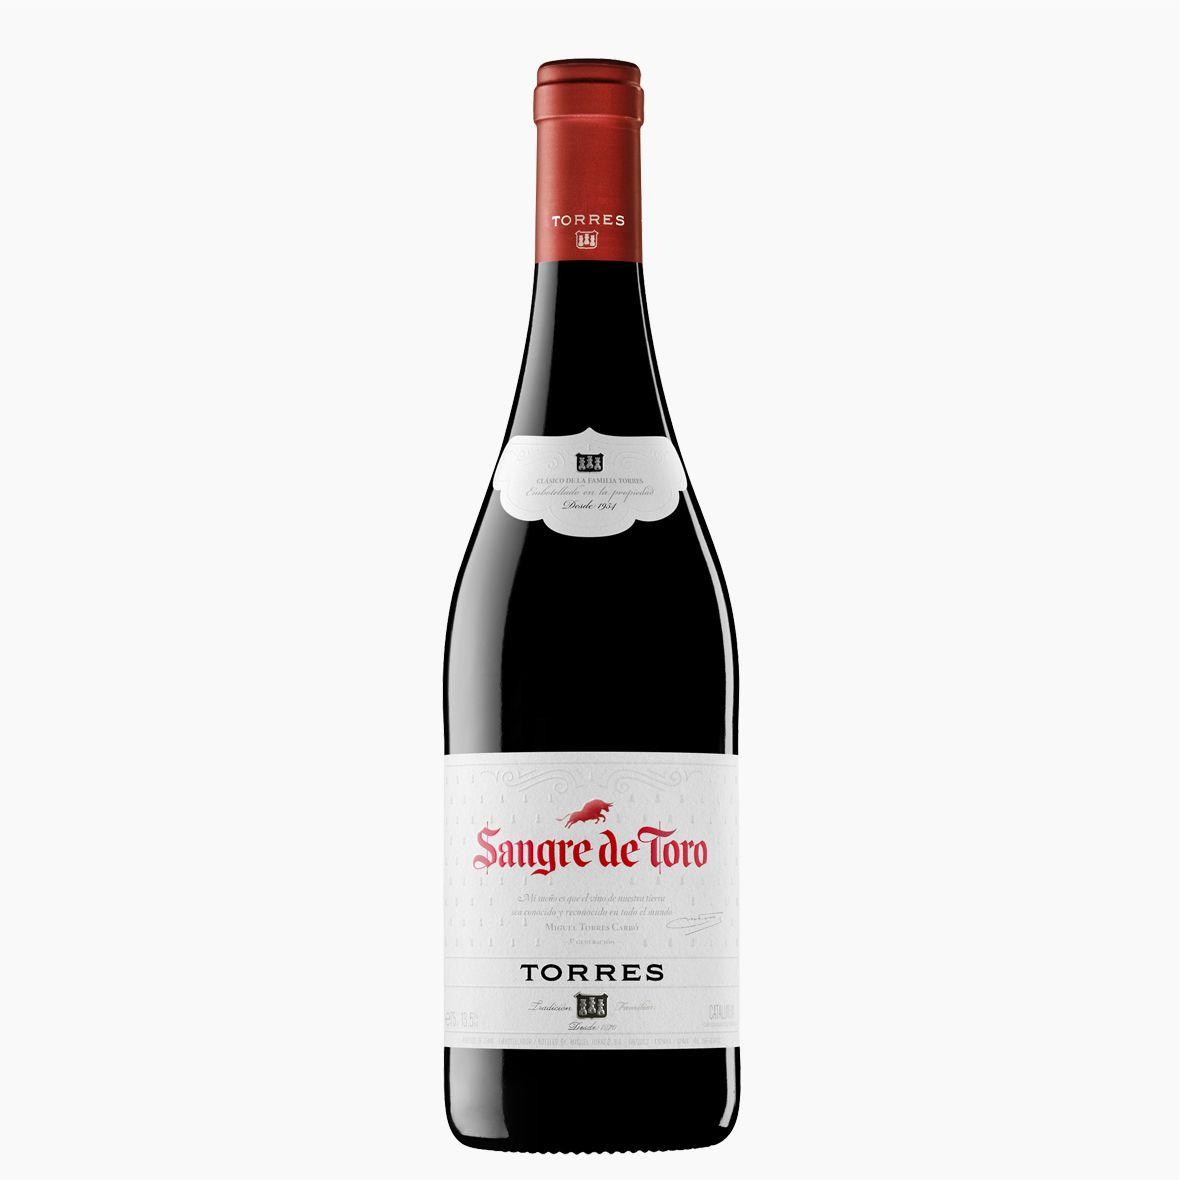 Sangre De Toro With Images Wine Bottle Vegan Wine Wine